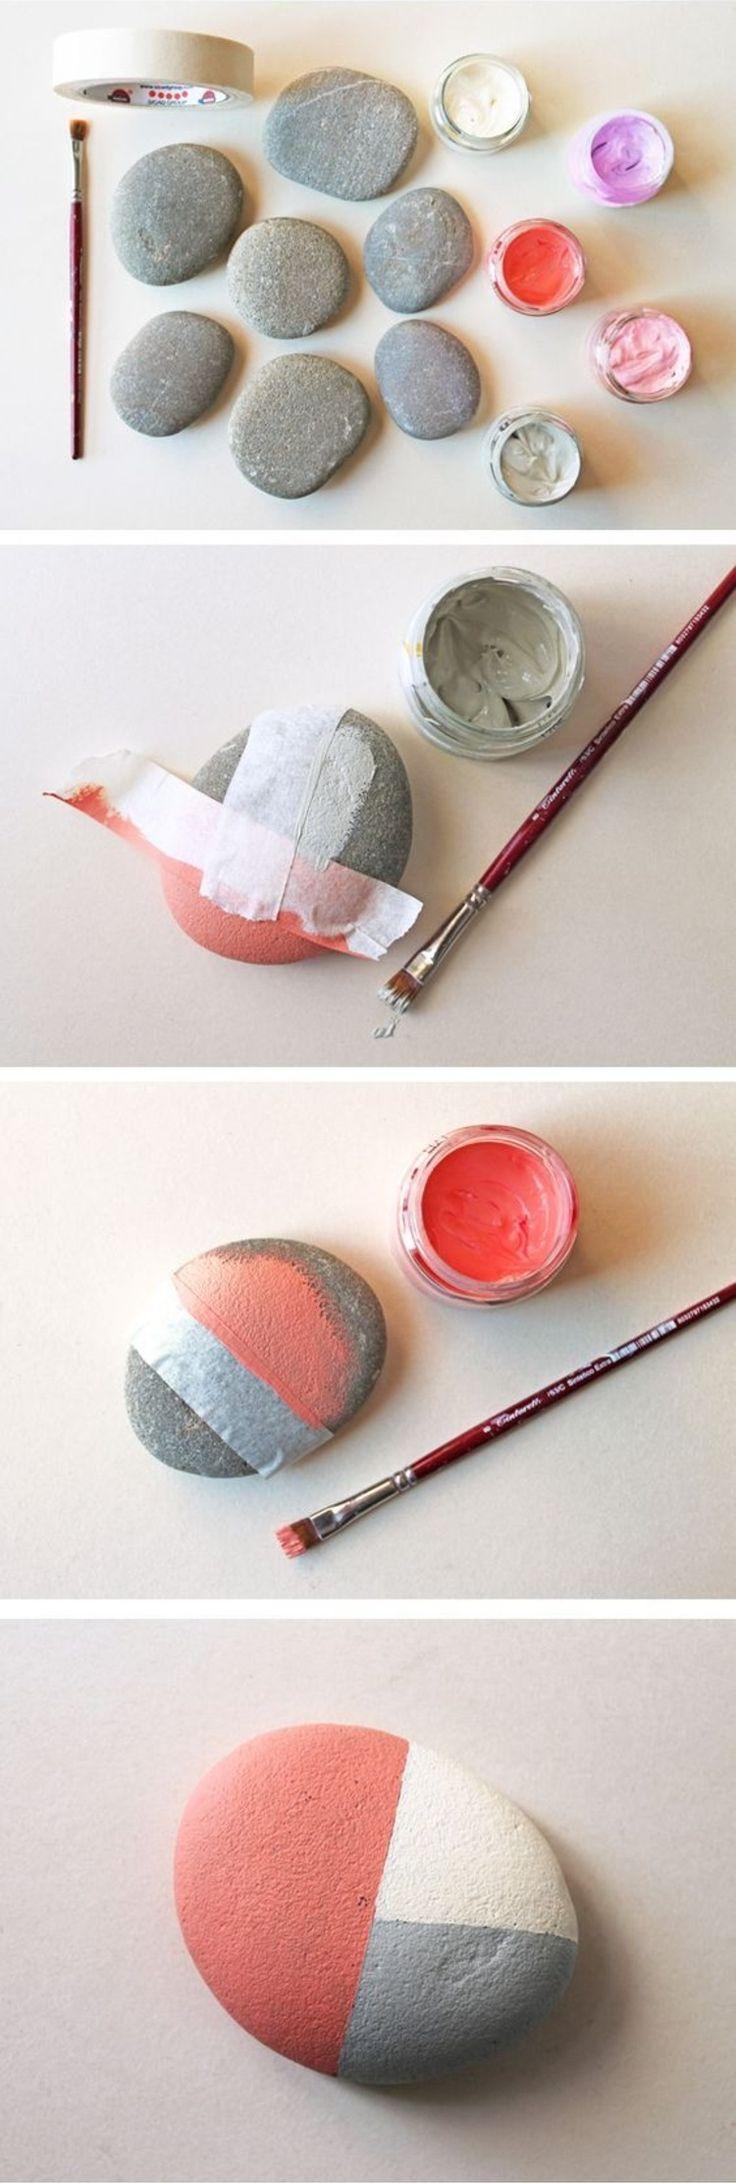 DIY Ideen Basteln mit Steinen einfache Techniken Tipps